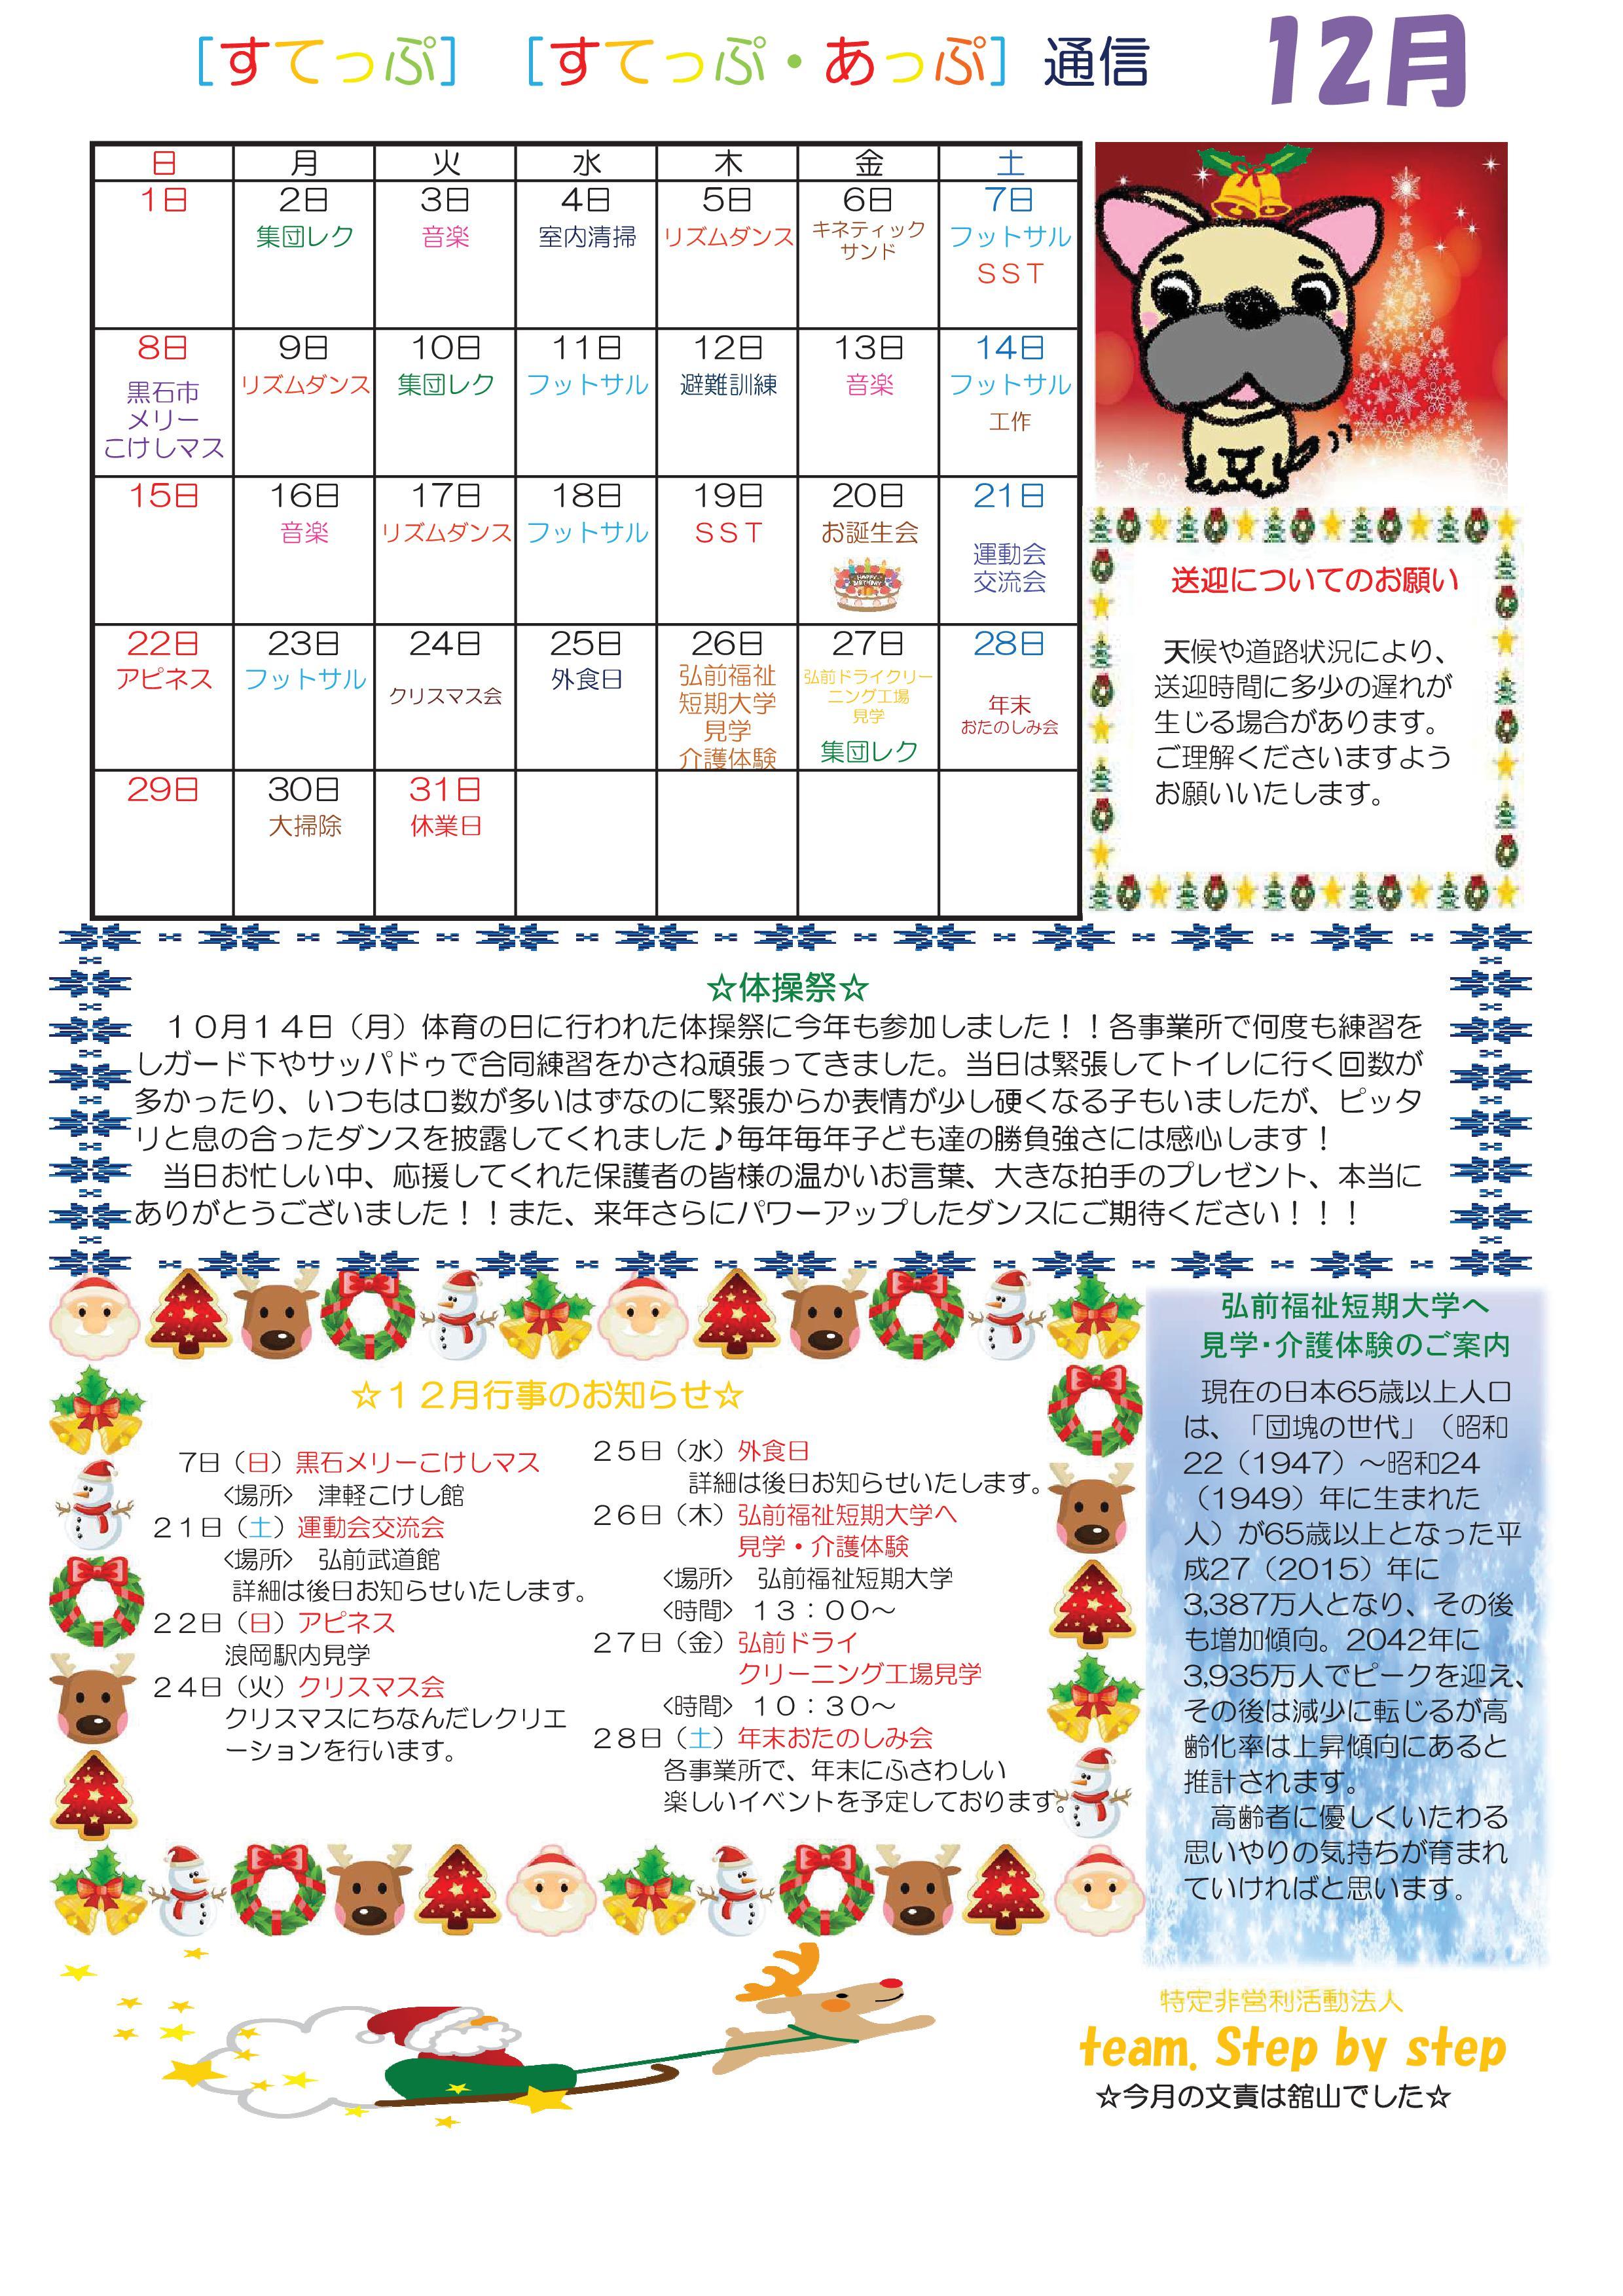 すてっぷ・すてっぷあっぷ通信12月号